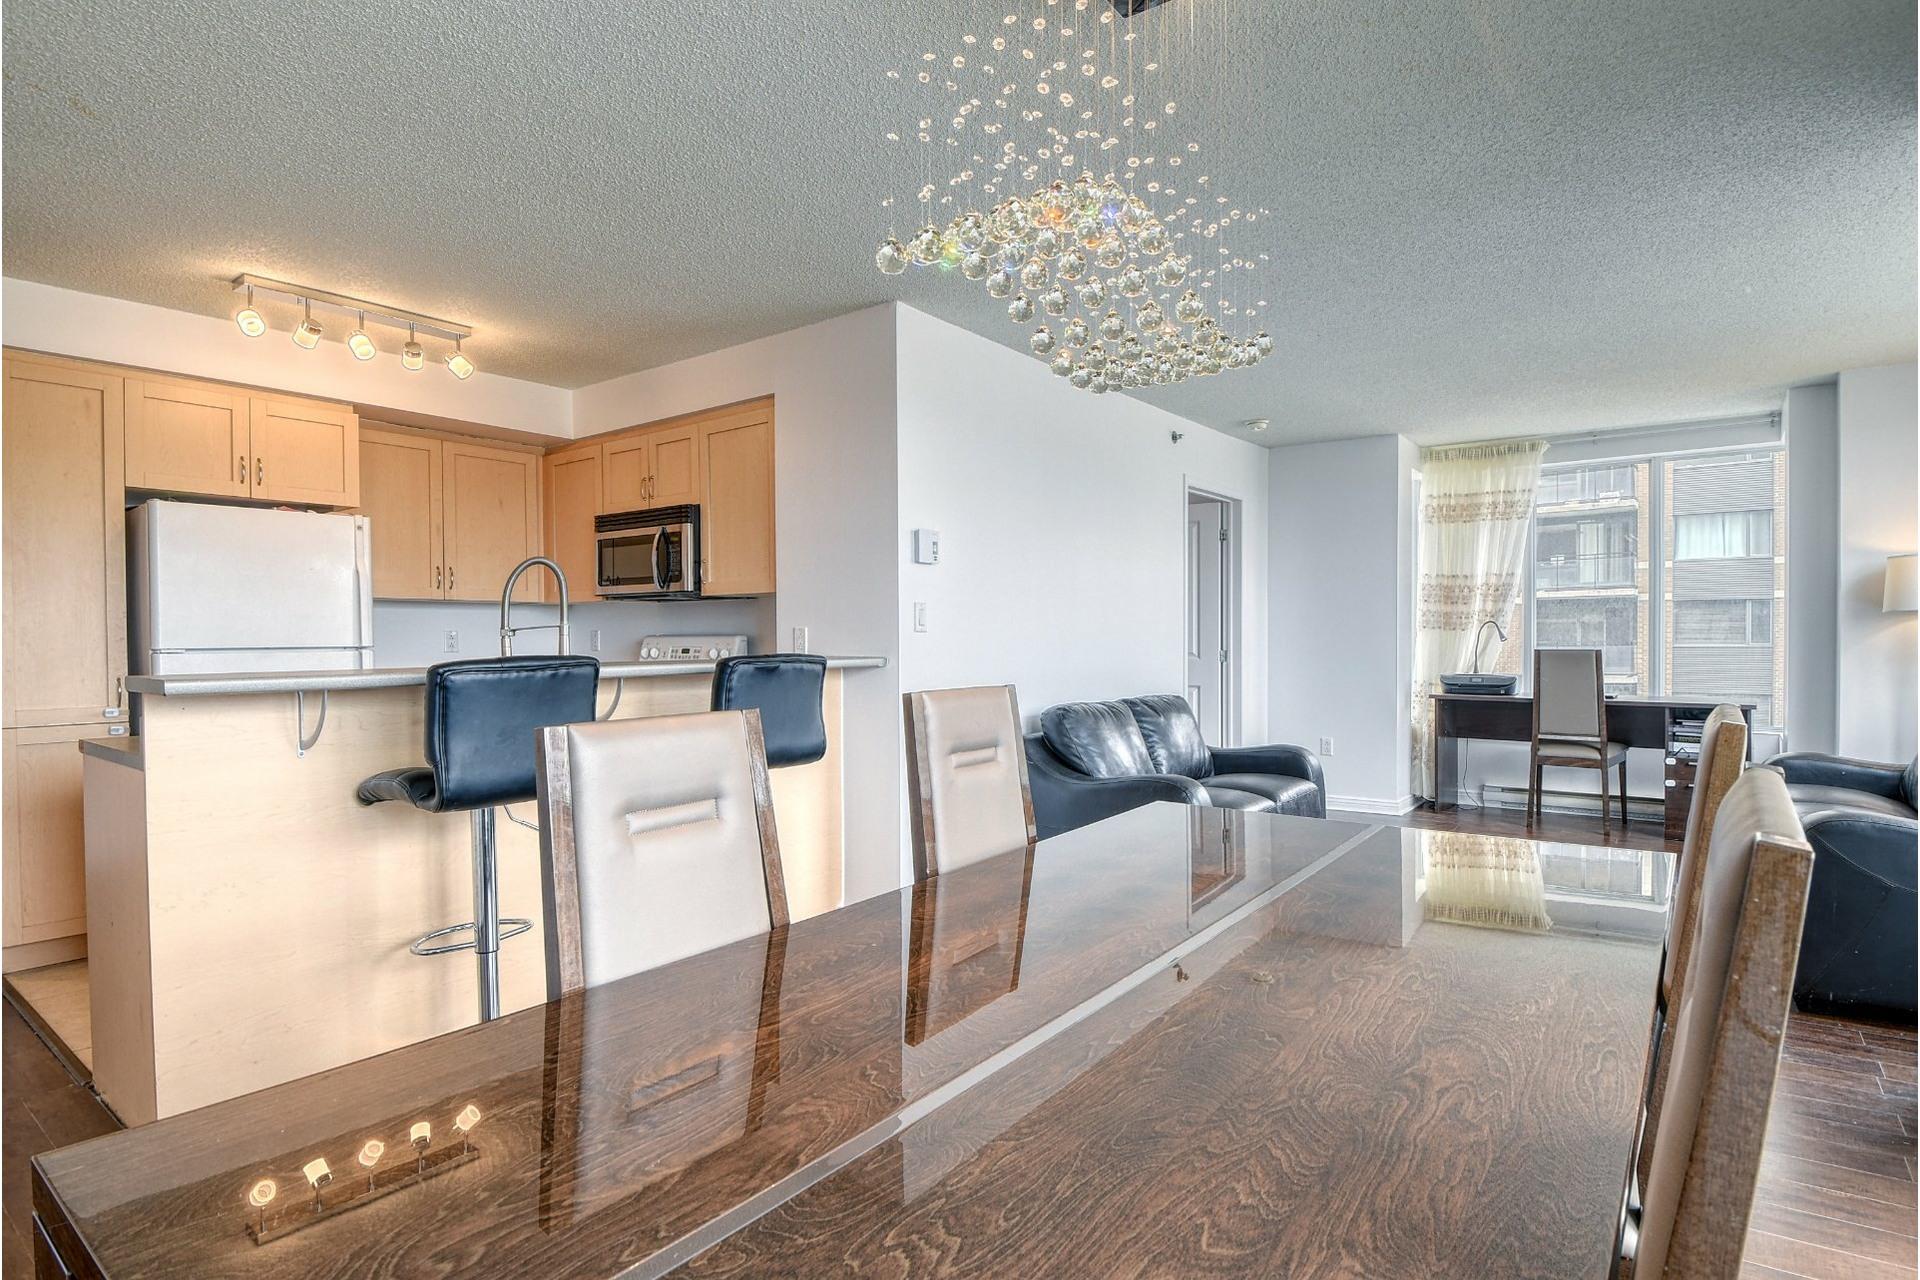 image 6 - Apartment For sale Ville-Marie Montréal  - 4 rooms